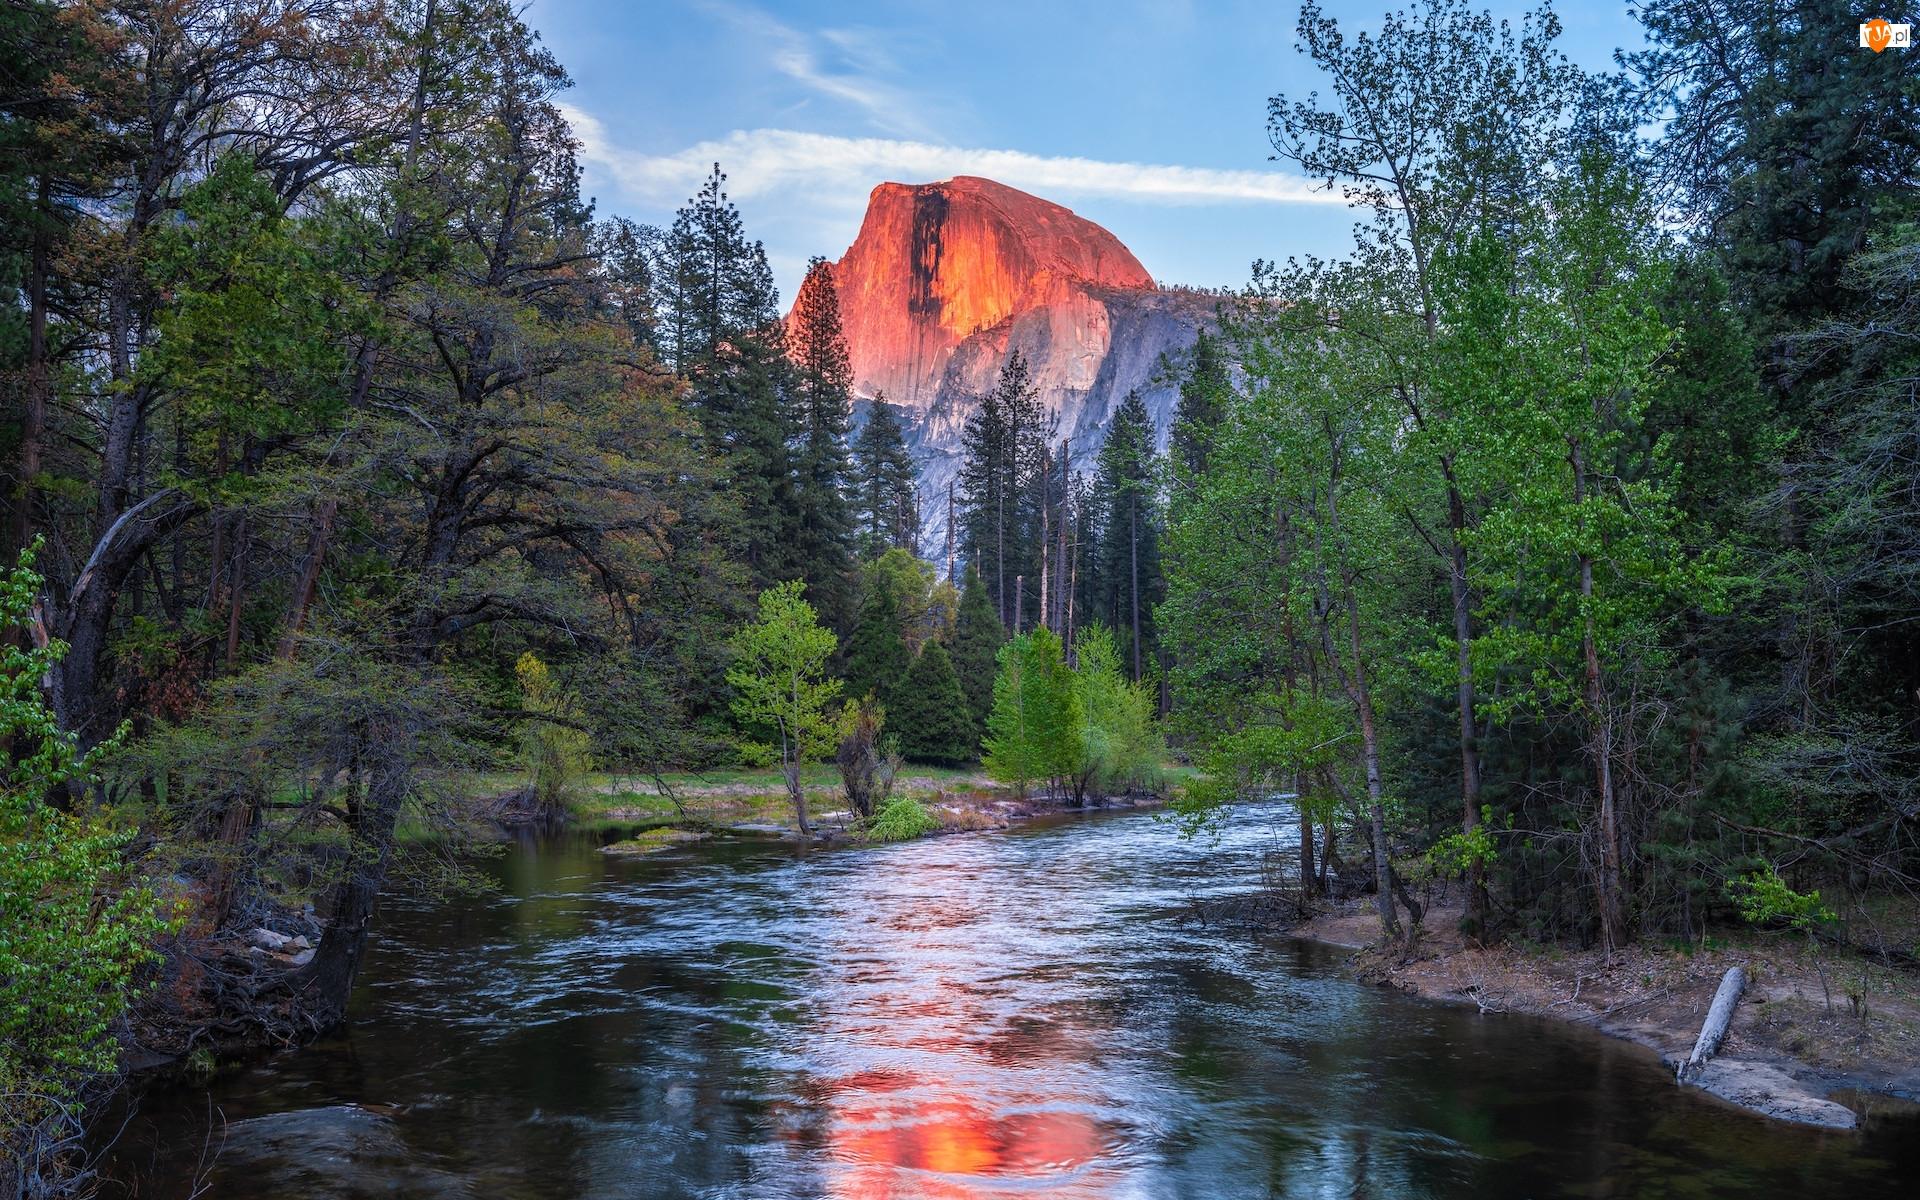 Drzewa, Park Narodowy Yosemite, Góry, Kalifornia, Rzeka, Góra Half Dome, Stany Zjednoczone, Merced River